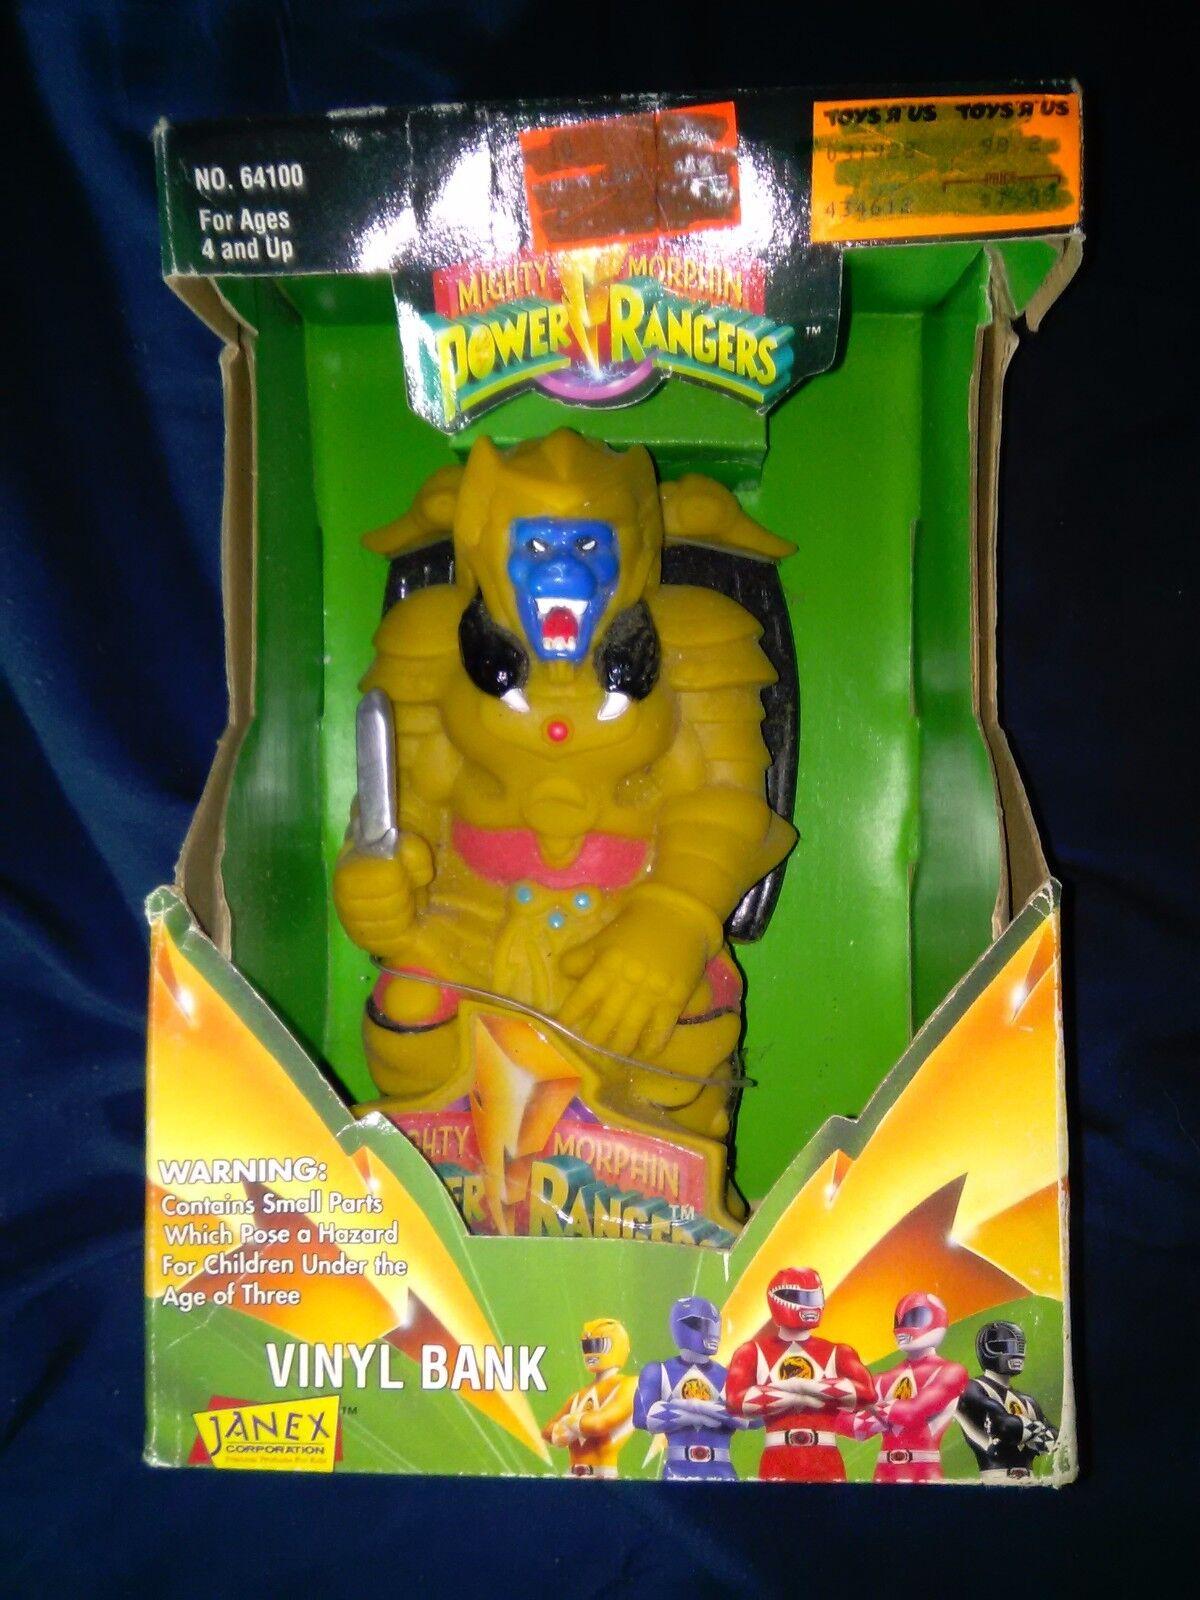 NEW   VINTAGE 1994 Power Rangers goldAR VINYL BANK  MINT